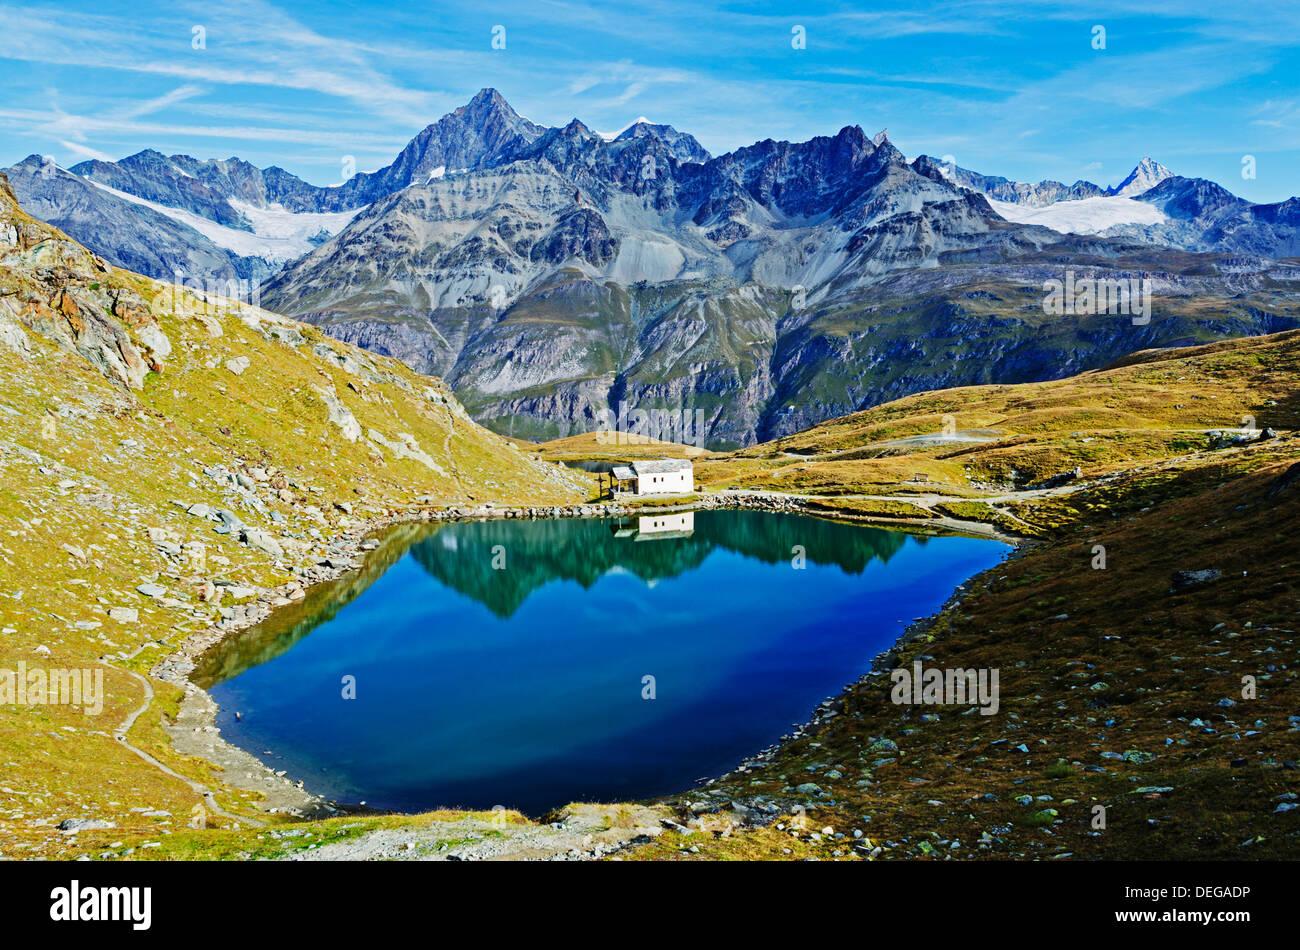 Au lac Schwarzsee paradise, Zermatt, Valais, Alpes Suisses, Suisse, Europe Photo Stock